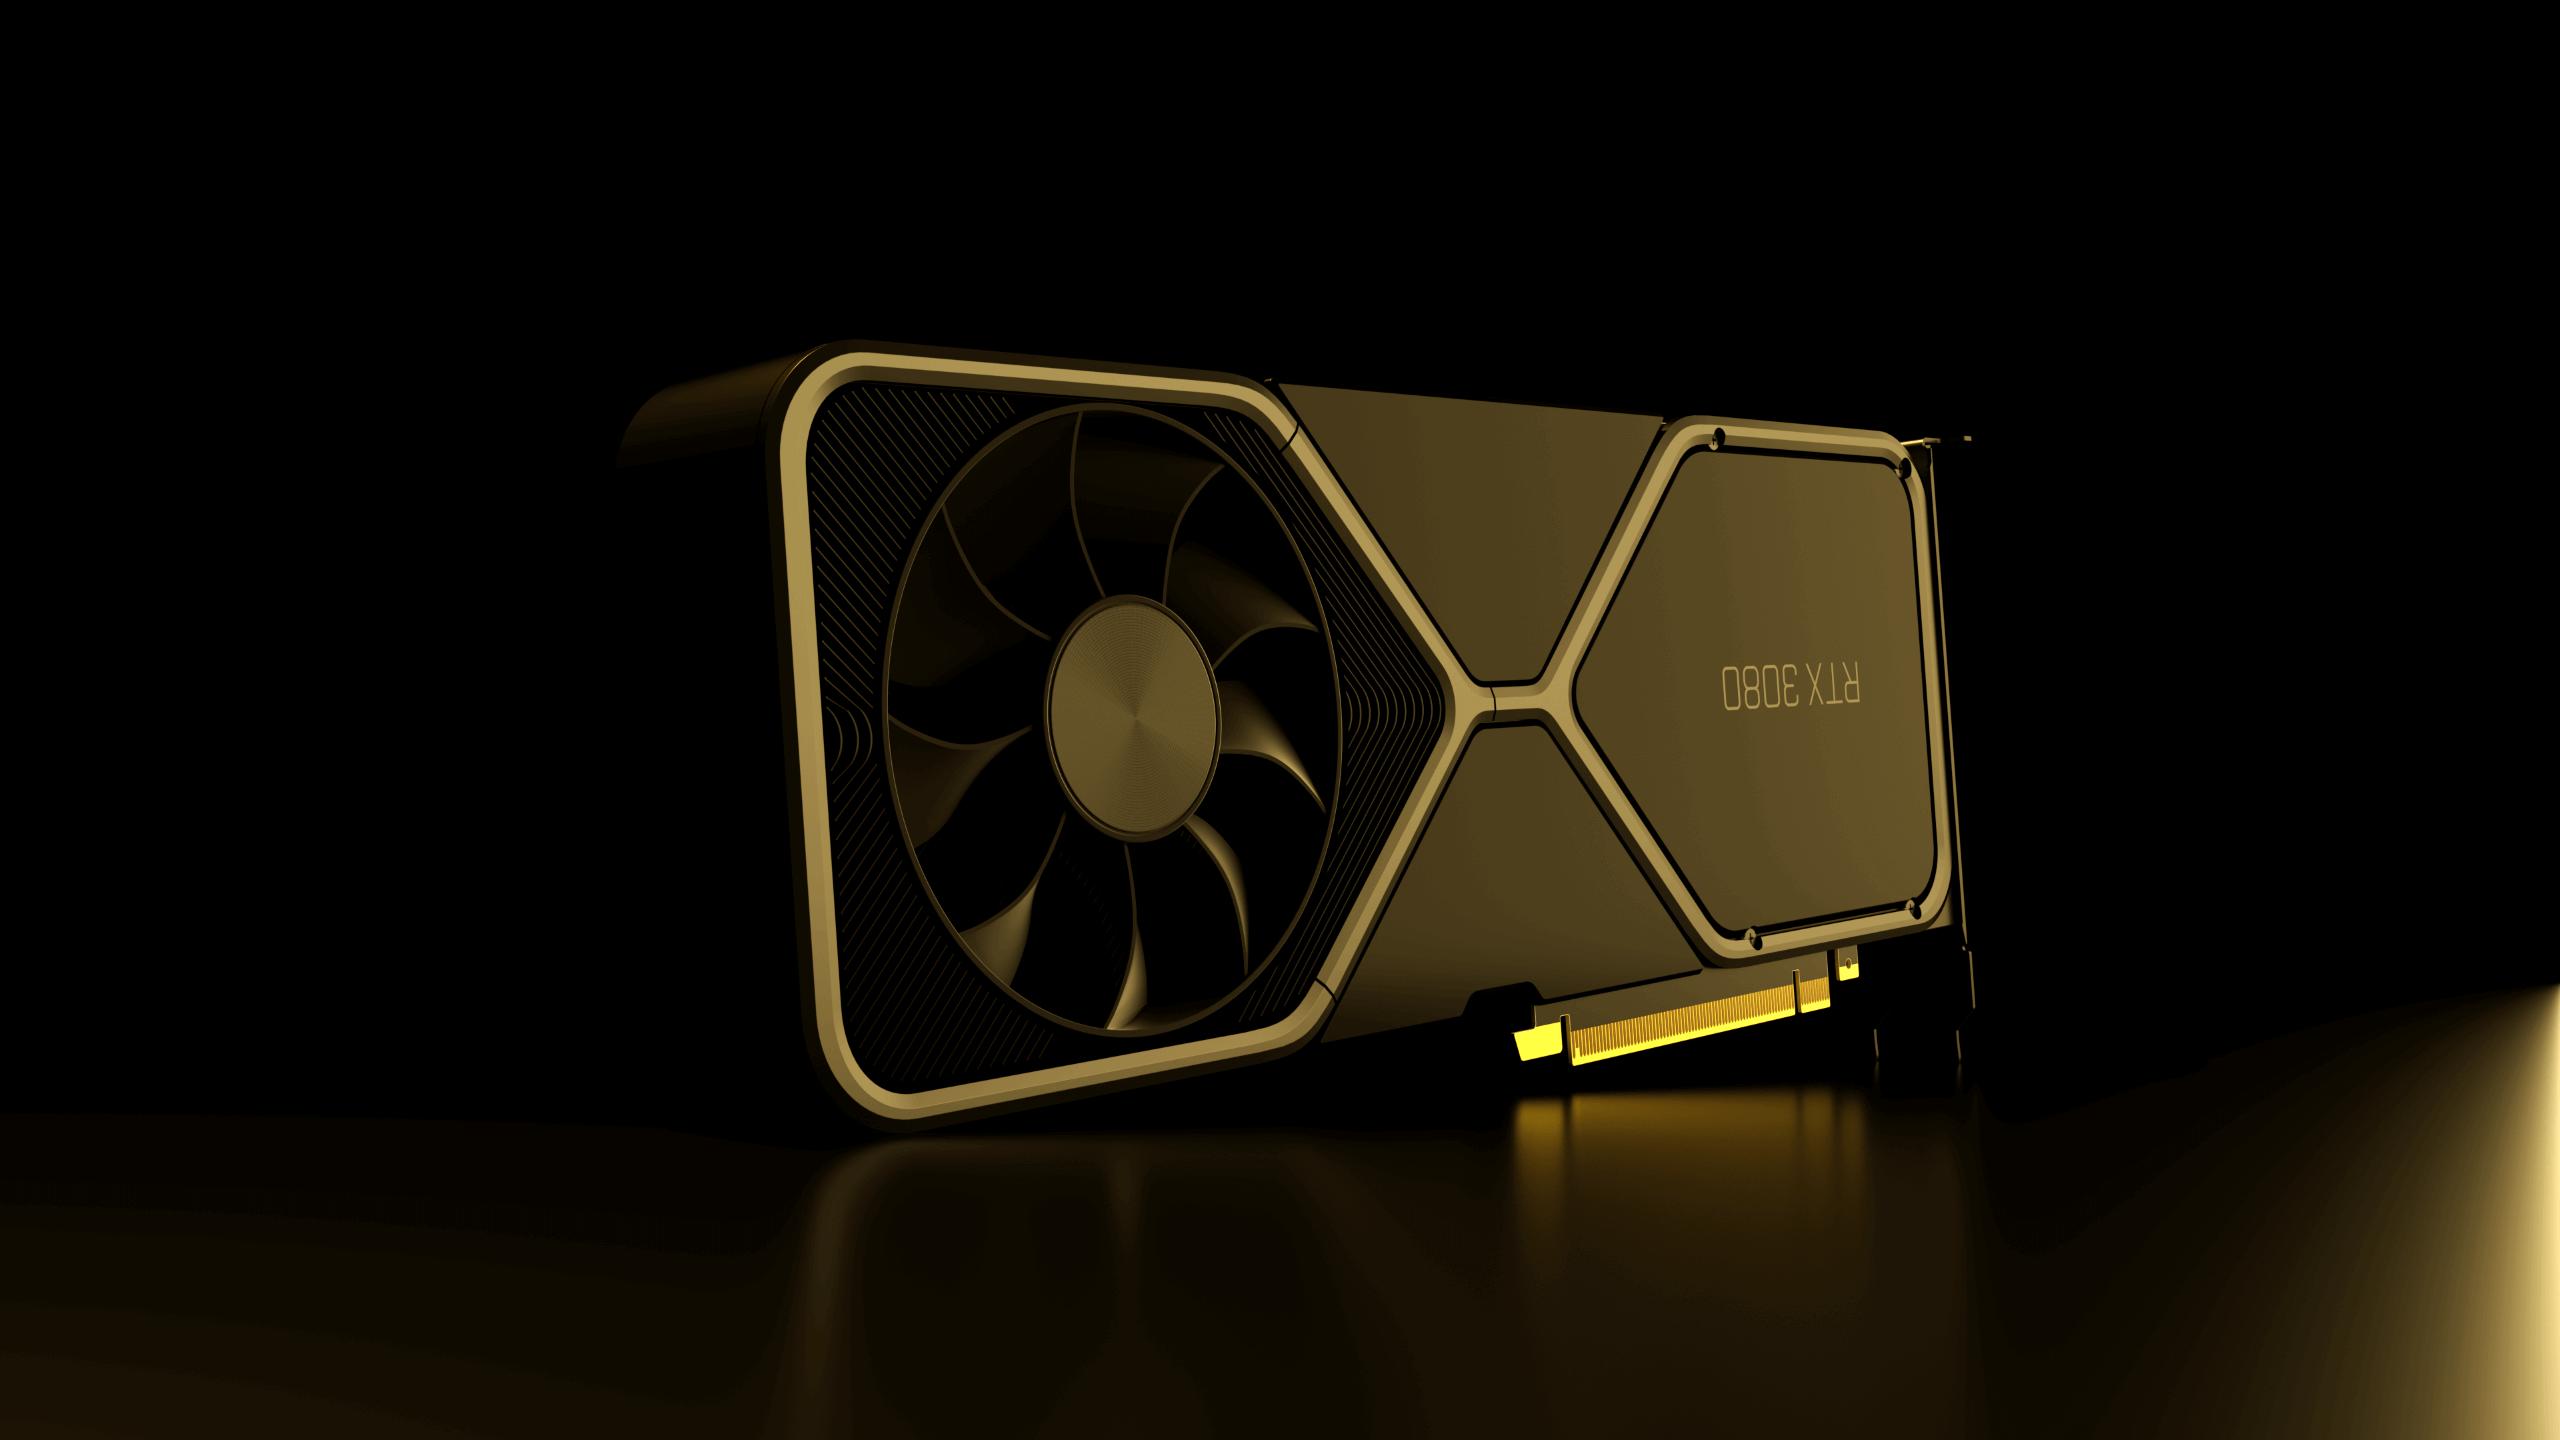 Официально подтверждено, что защита от майнинга будет во всех новых видеокартах NVIDIA RTX 3000